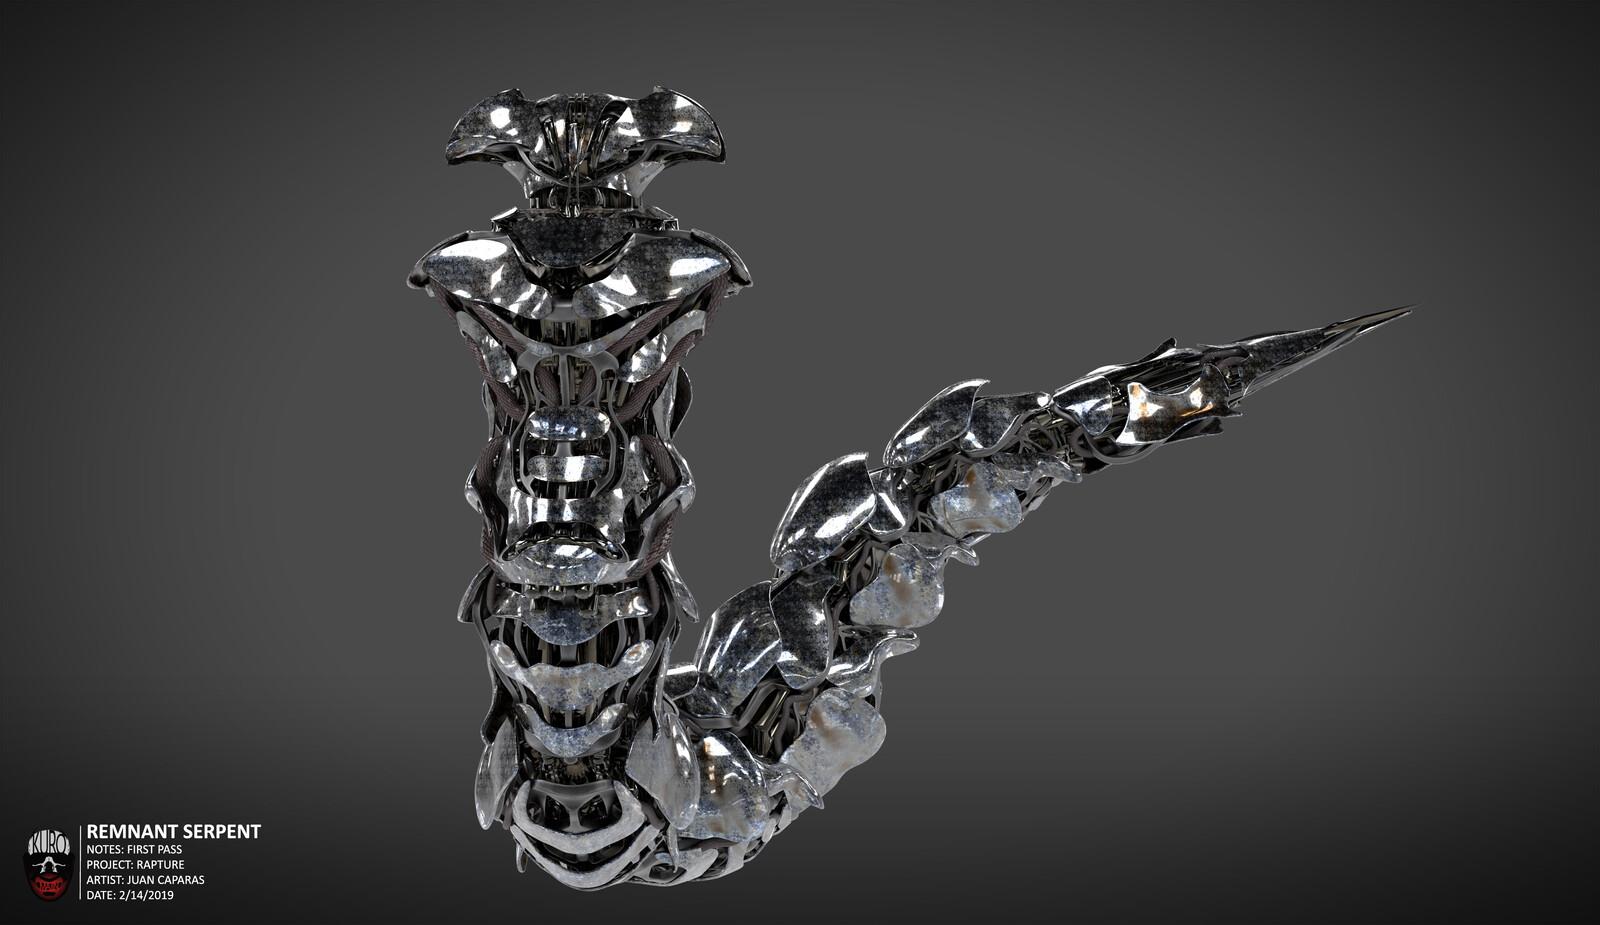 Remnant Serpent Concept | Kuro Majin Productions